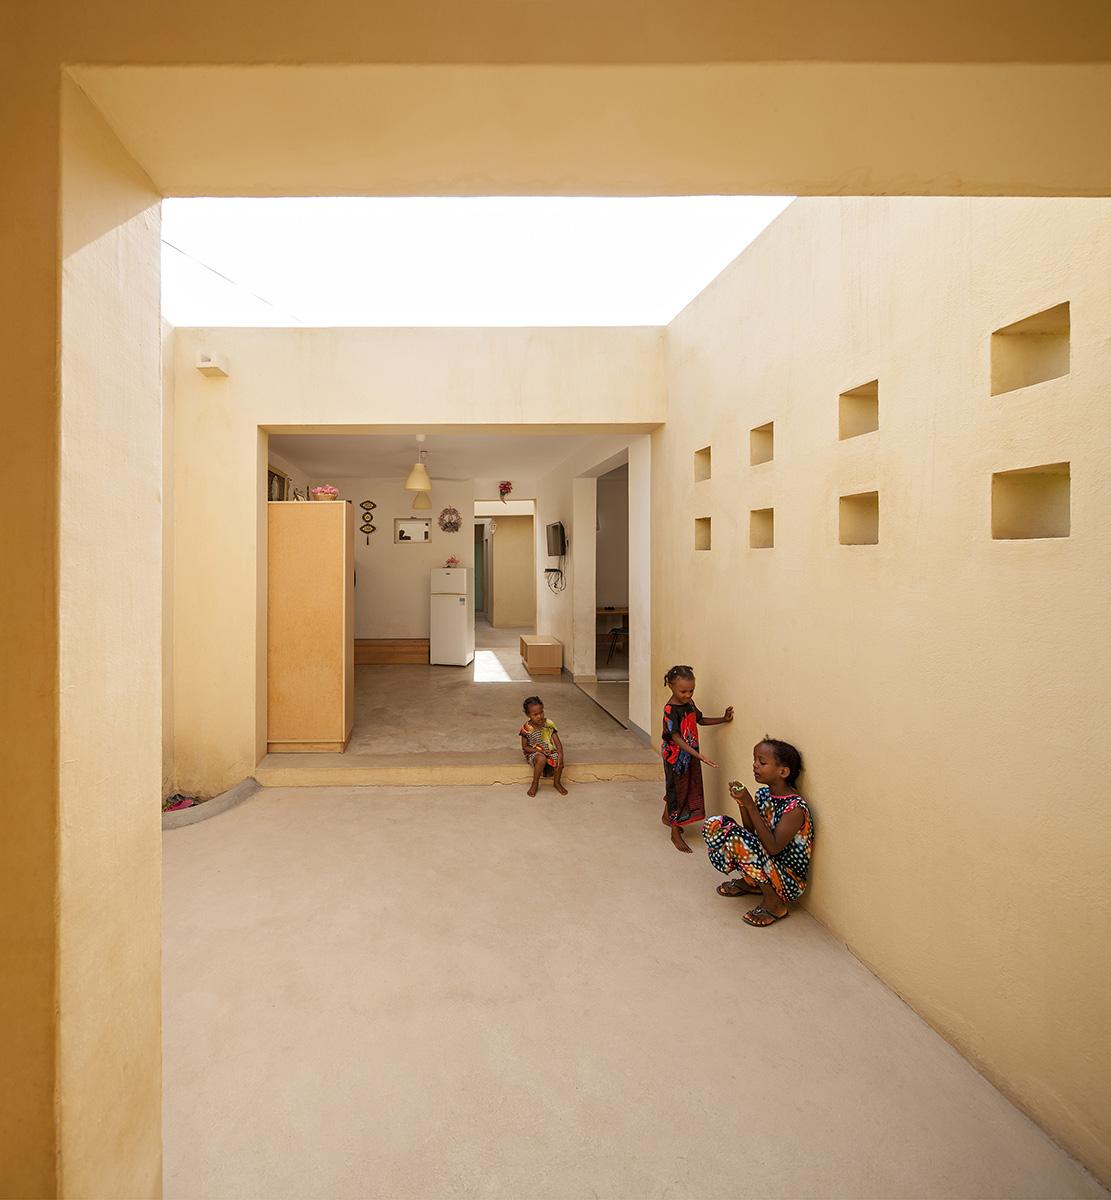 05-sos-childrens-village-urko-sanchez-architects